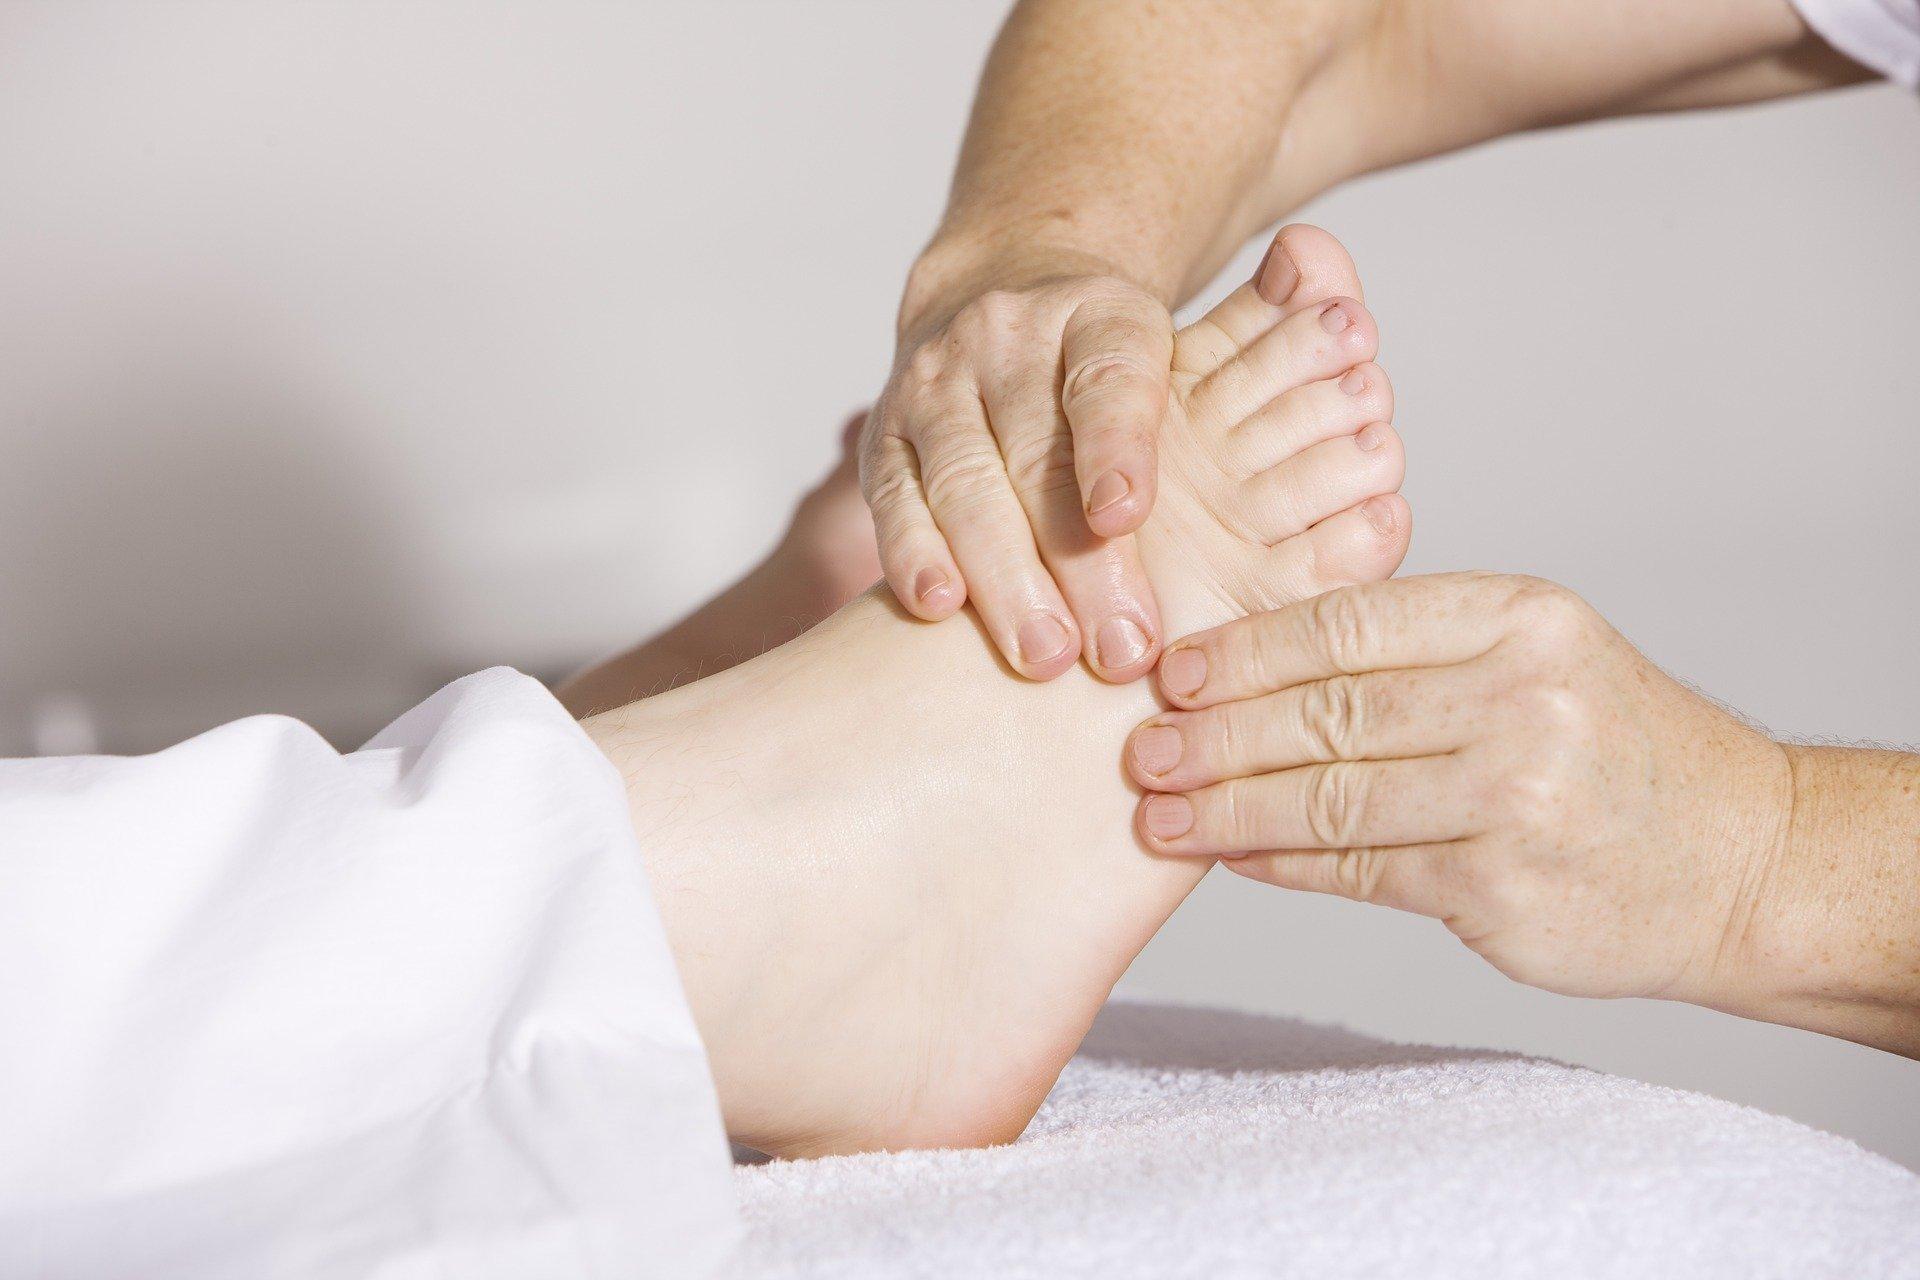 Fußreflexzonenmassage und Schröpfen für eine ganzheitliche Therapie